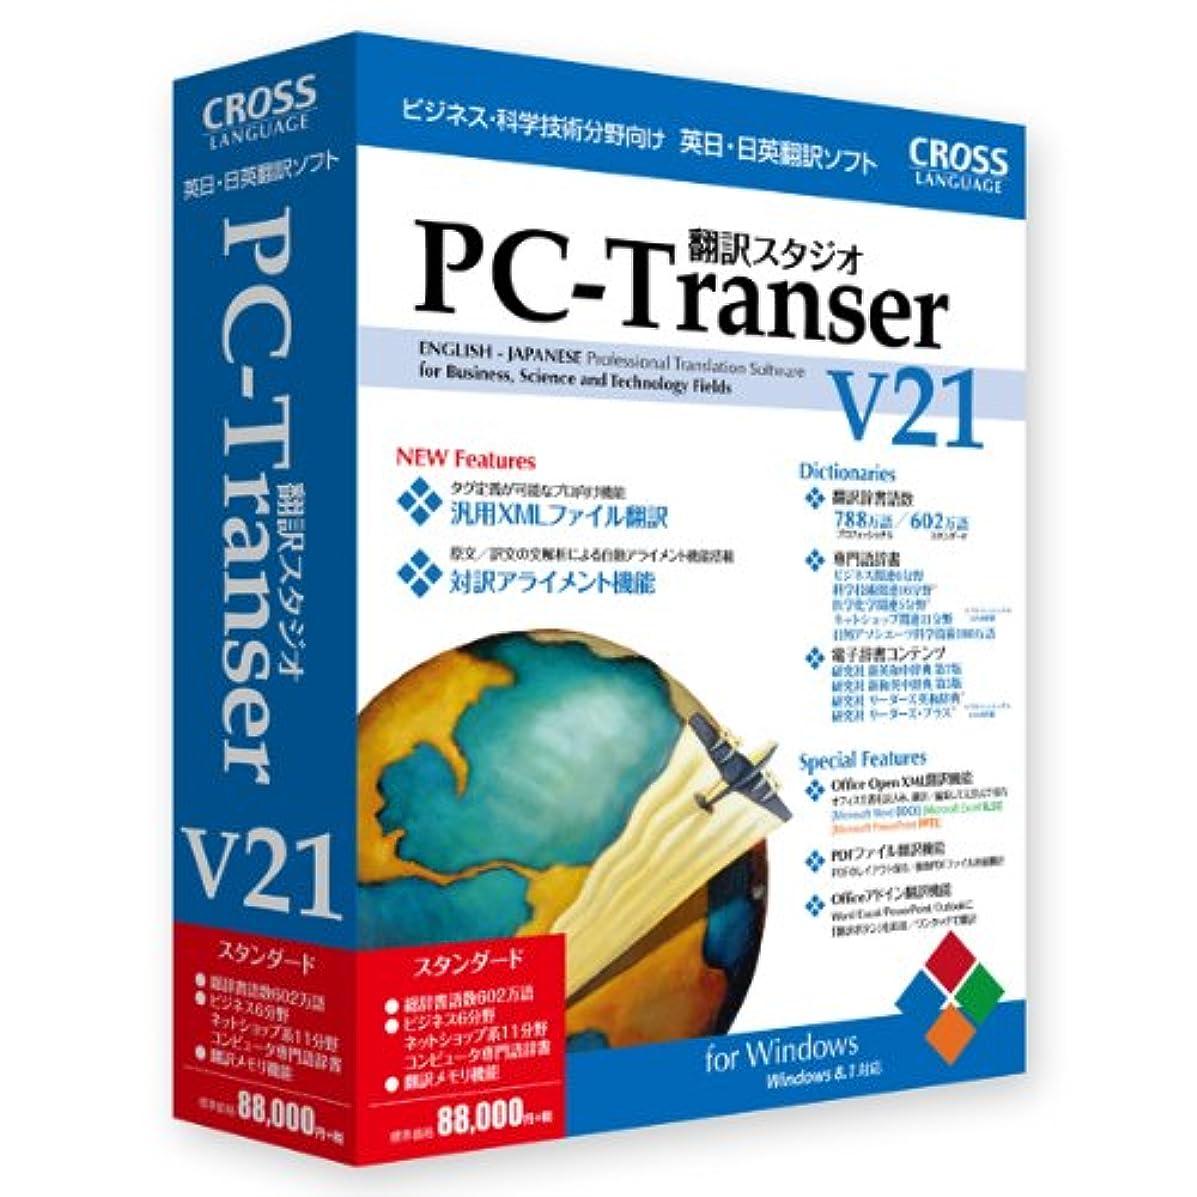 データソートシリーズPC-Transer 翻訳スタジオ V21 スタンダード